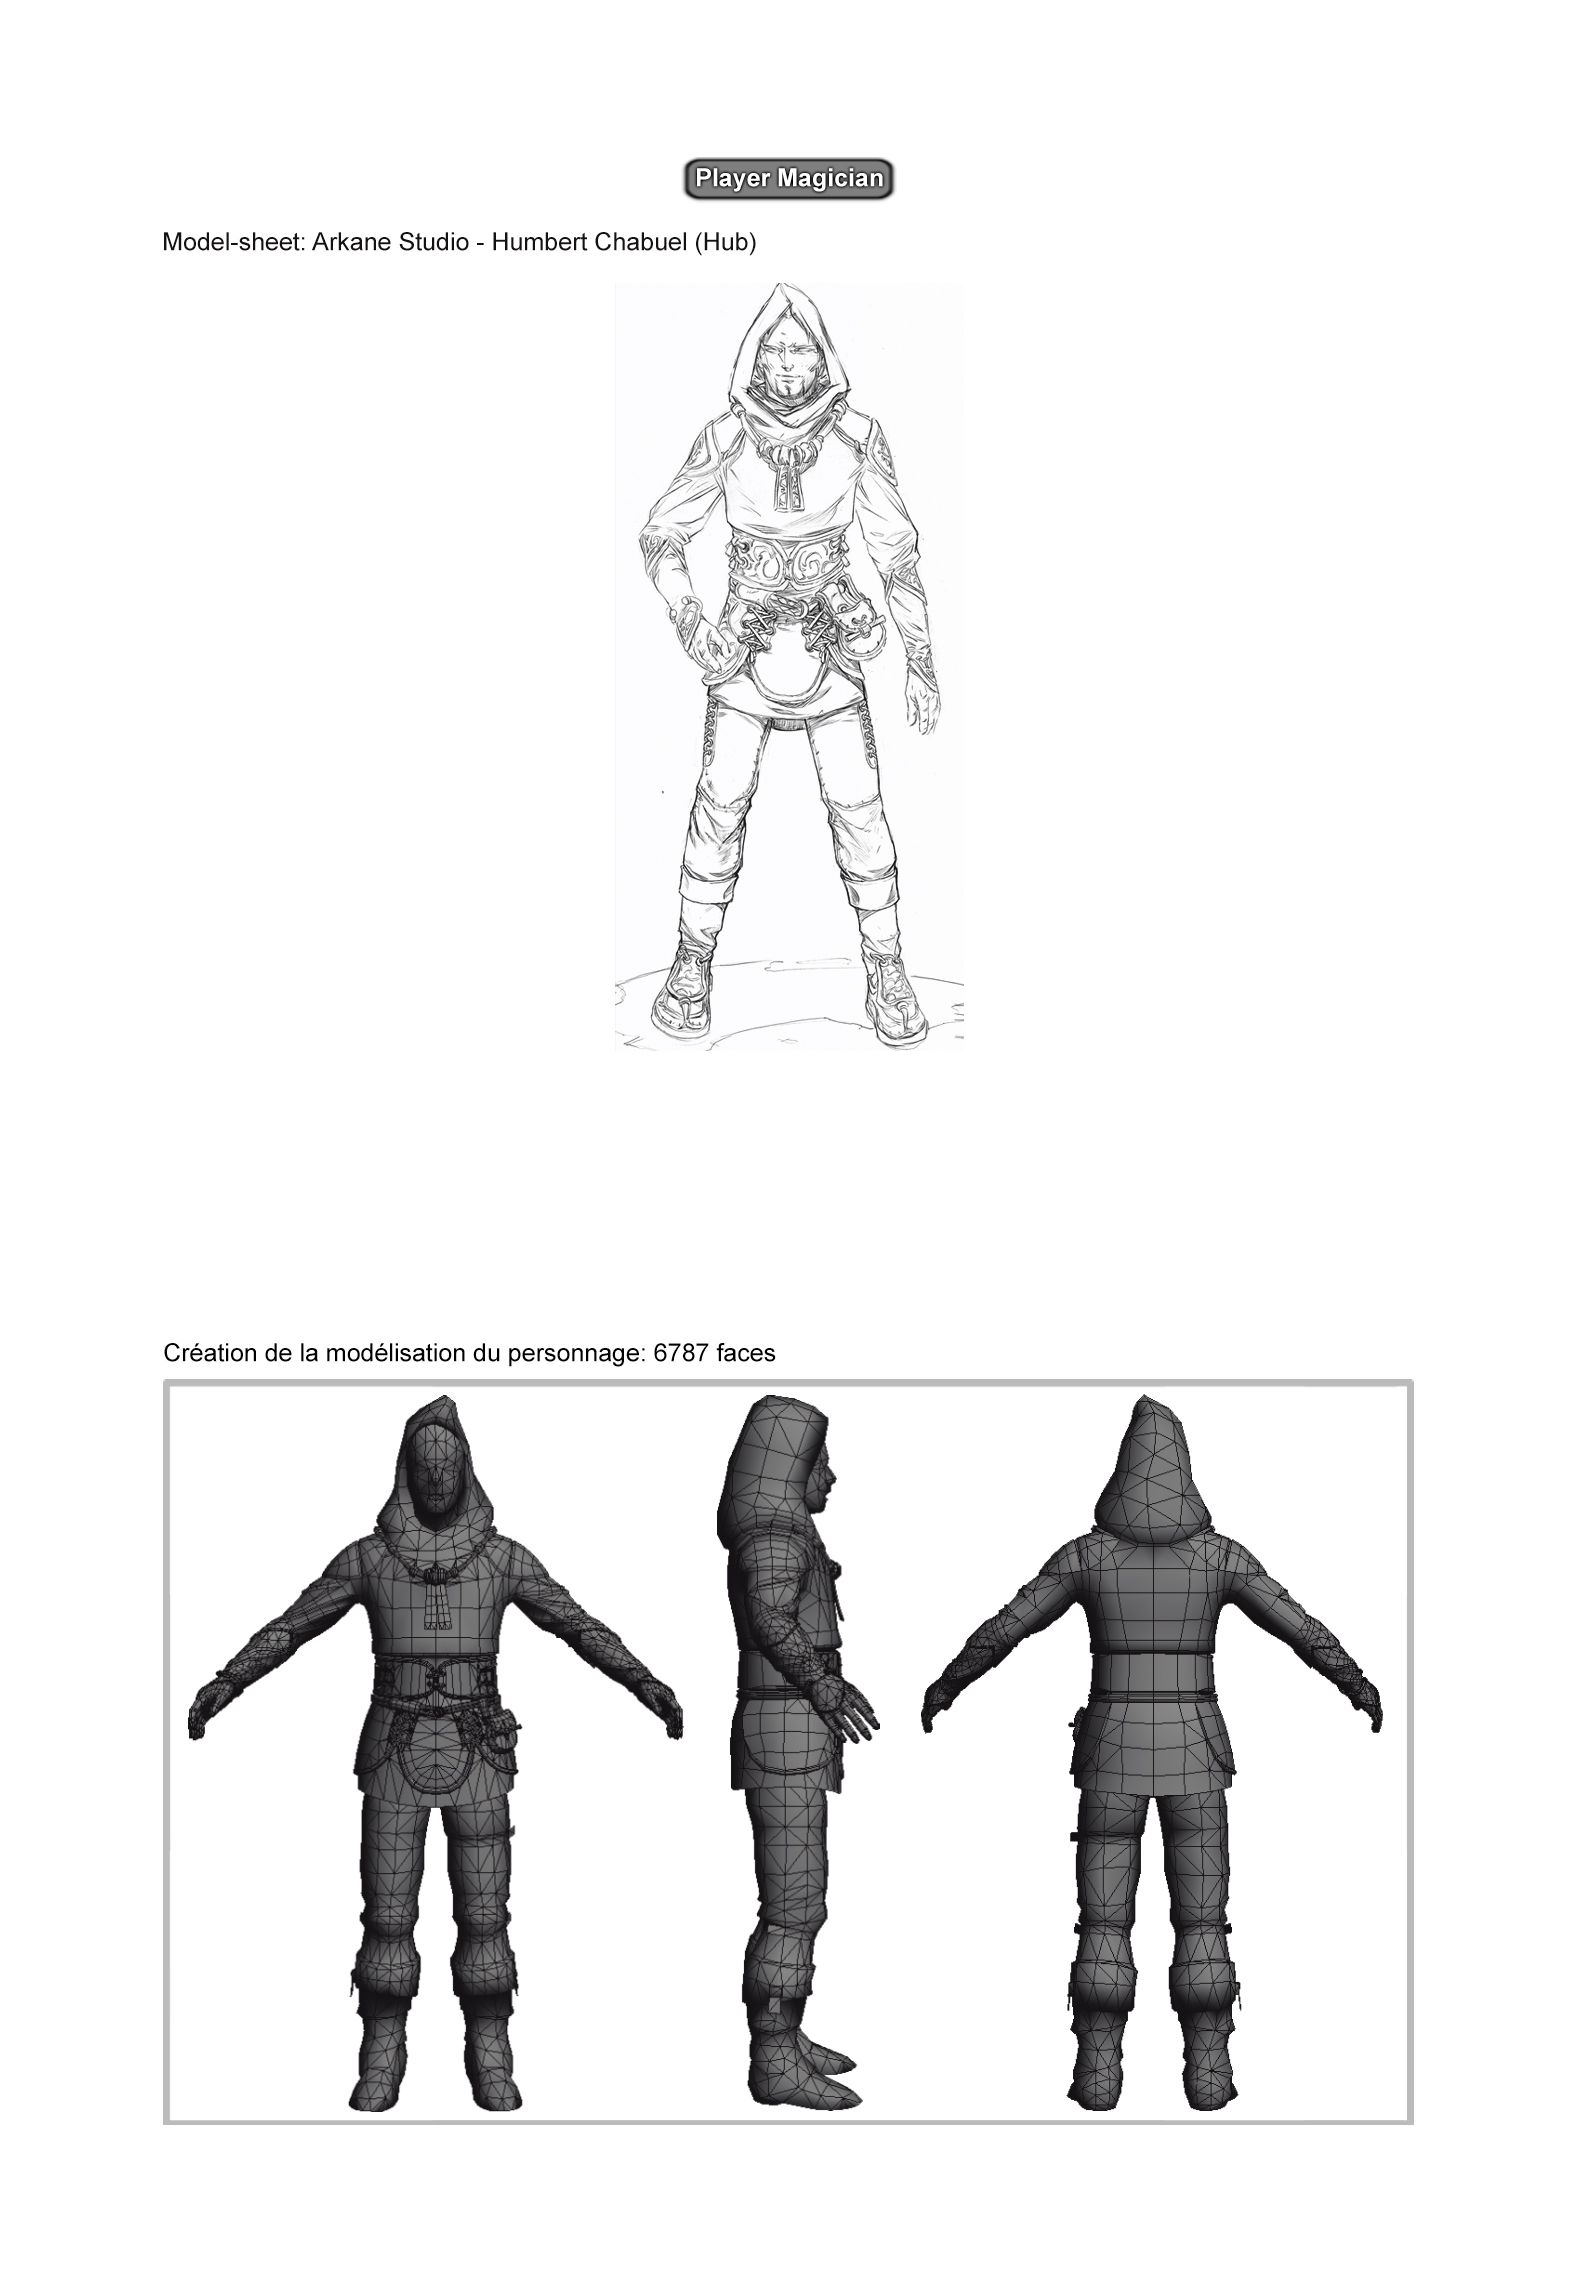 2004-2005_Dark Messiah Might&Magic_F.Beudin_13